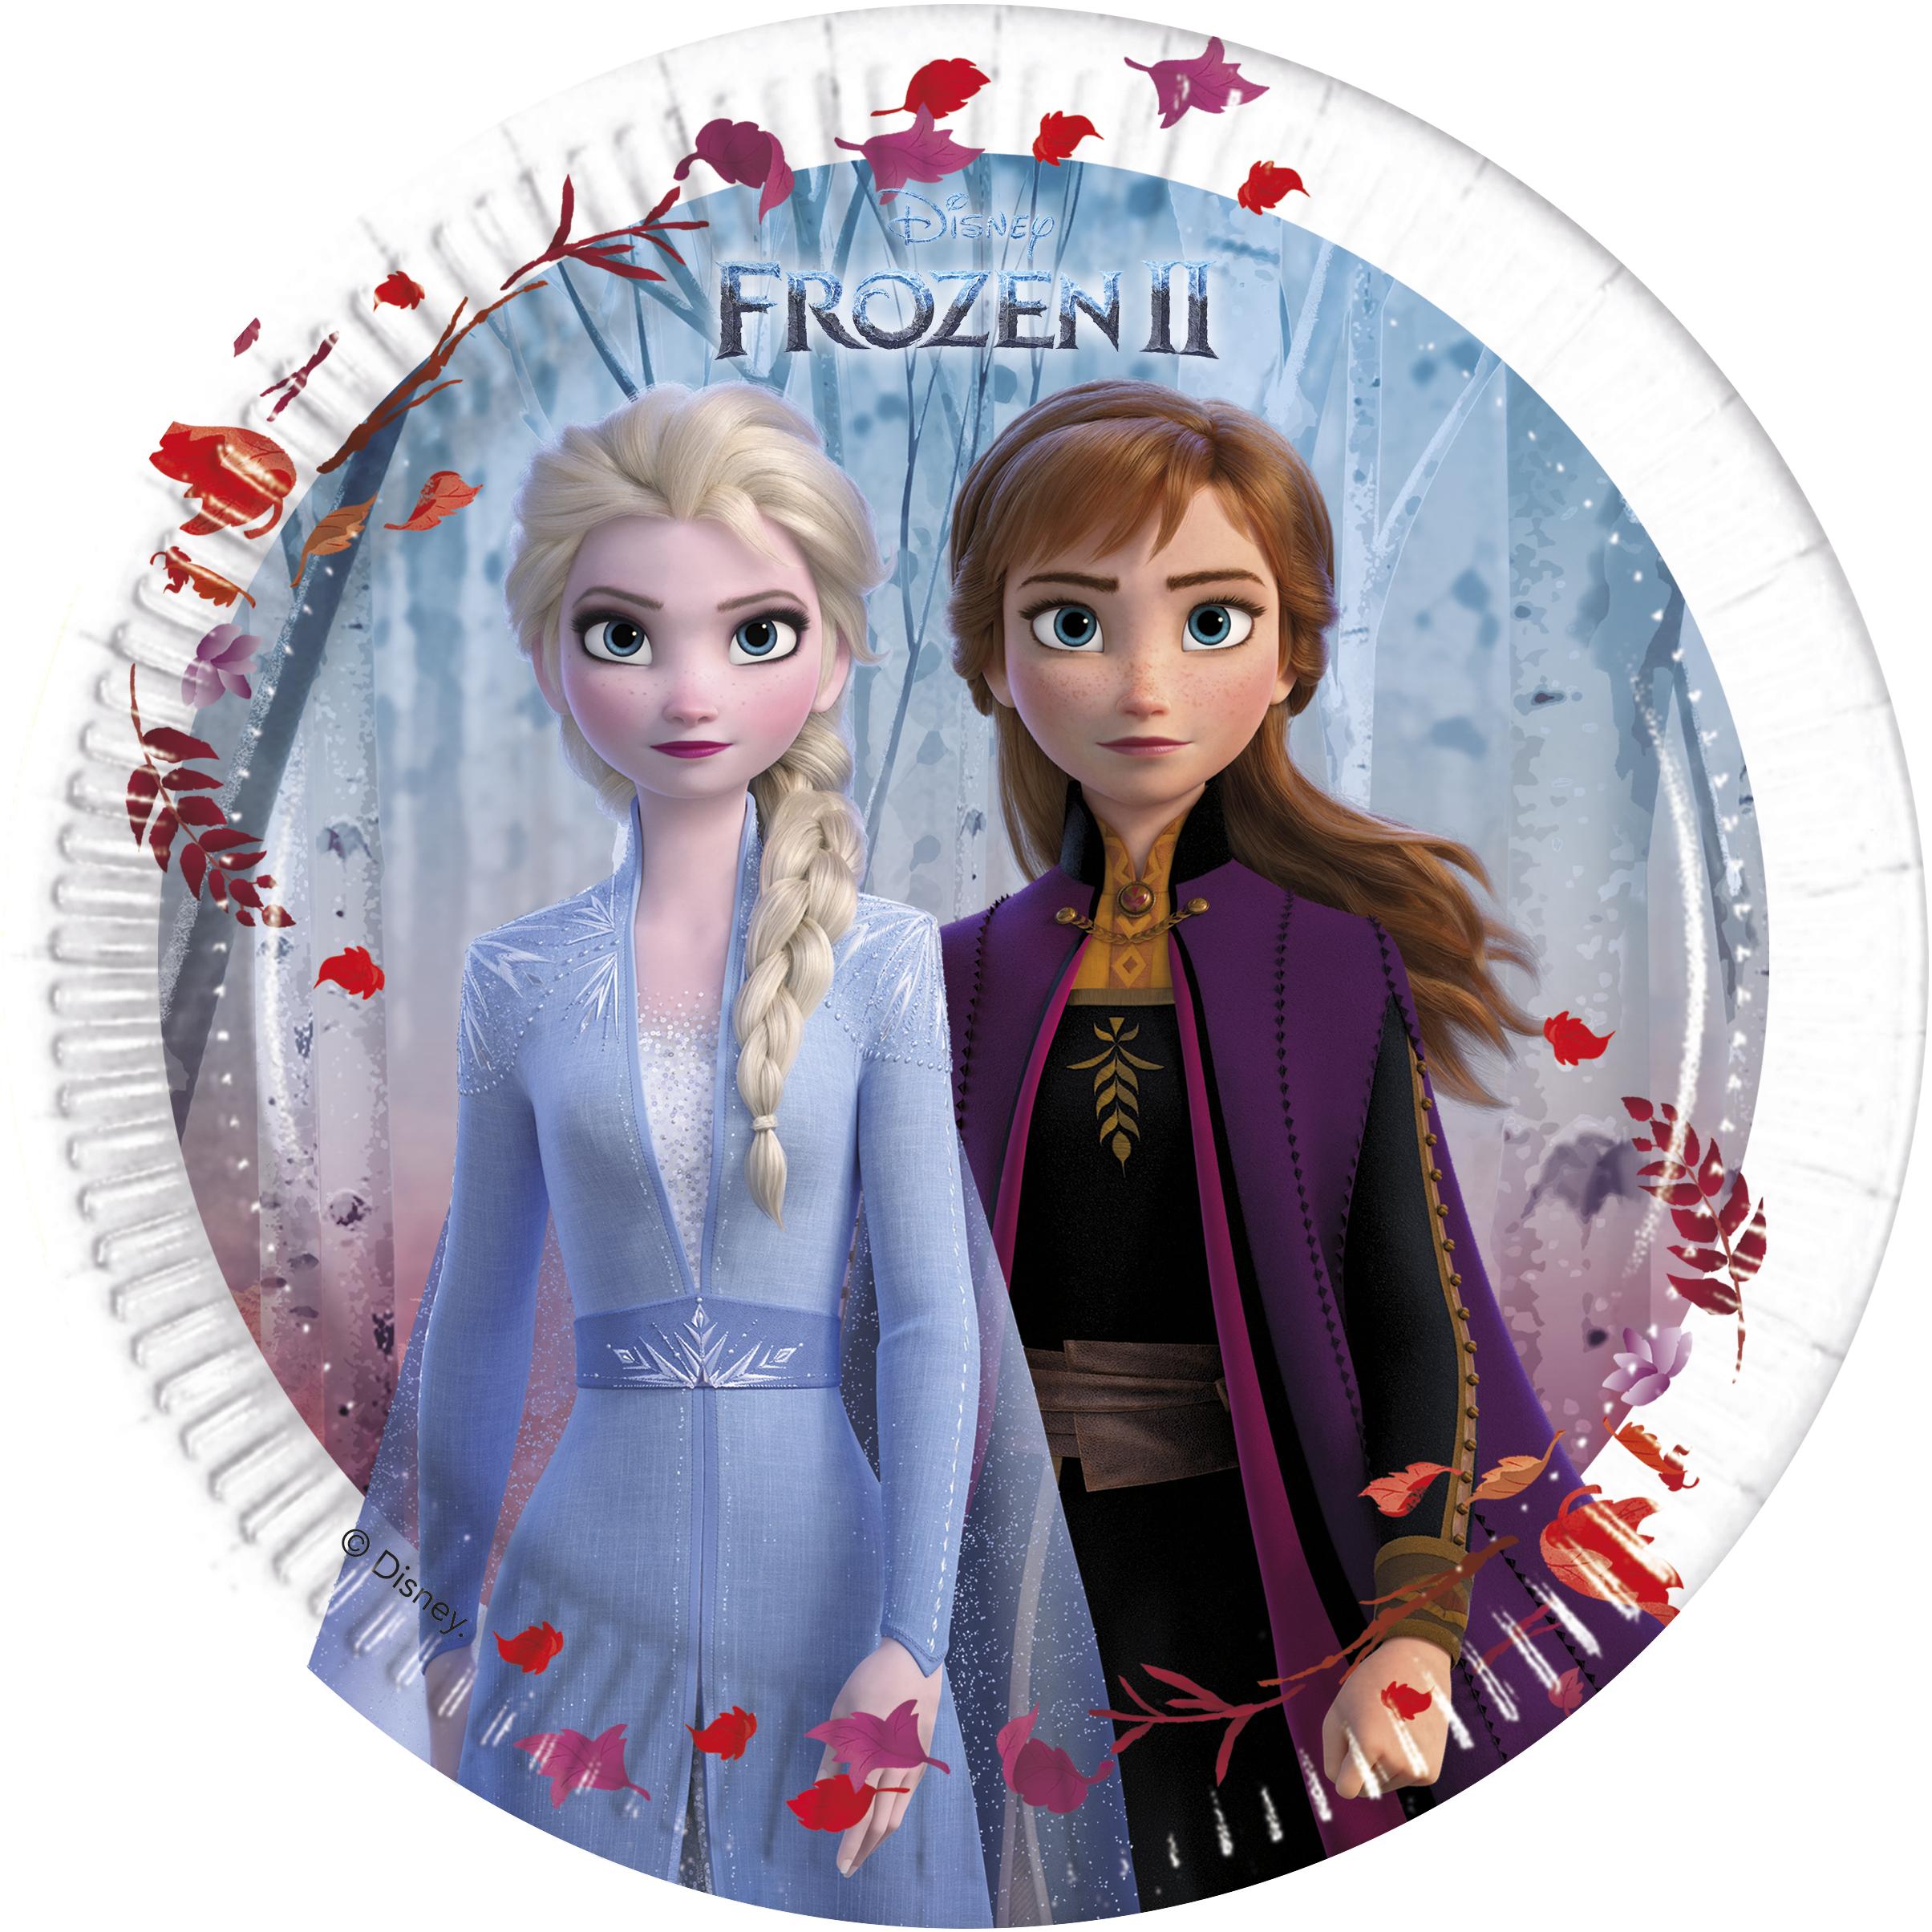 Frozen talíře papírové 8 ks 20 cm Amscan